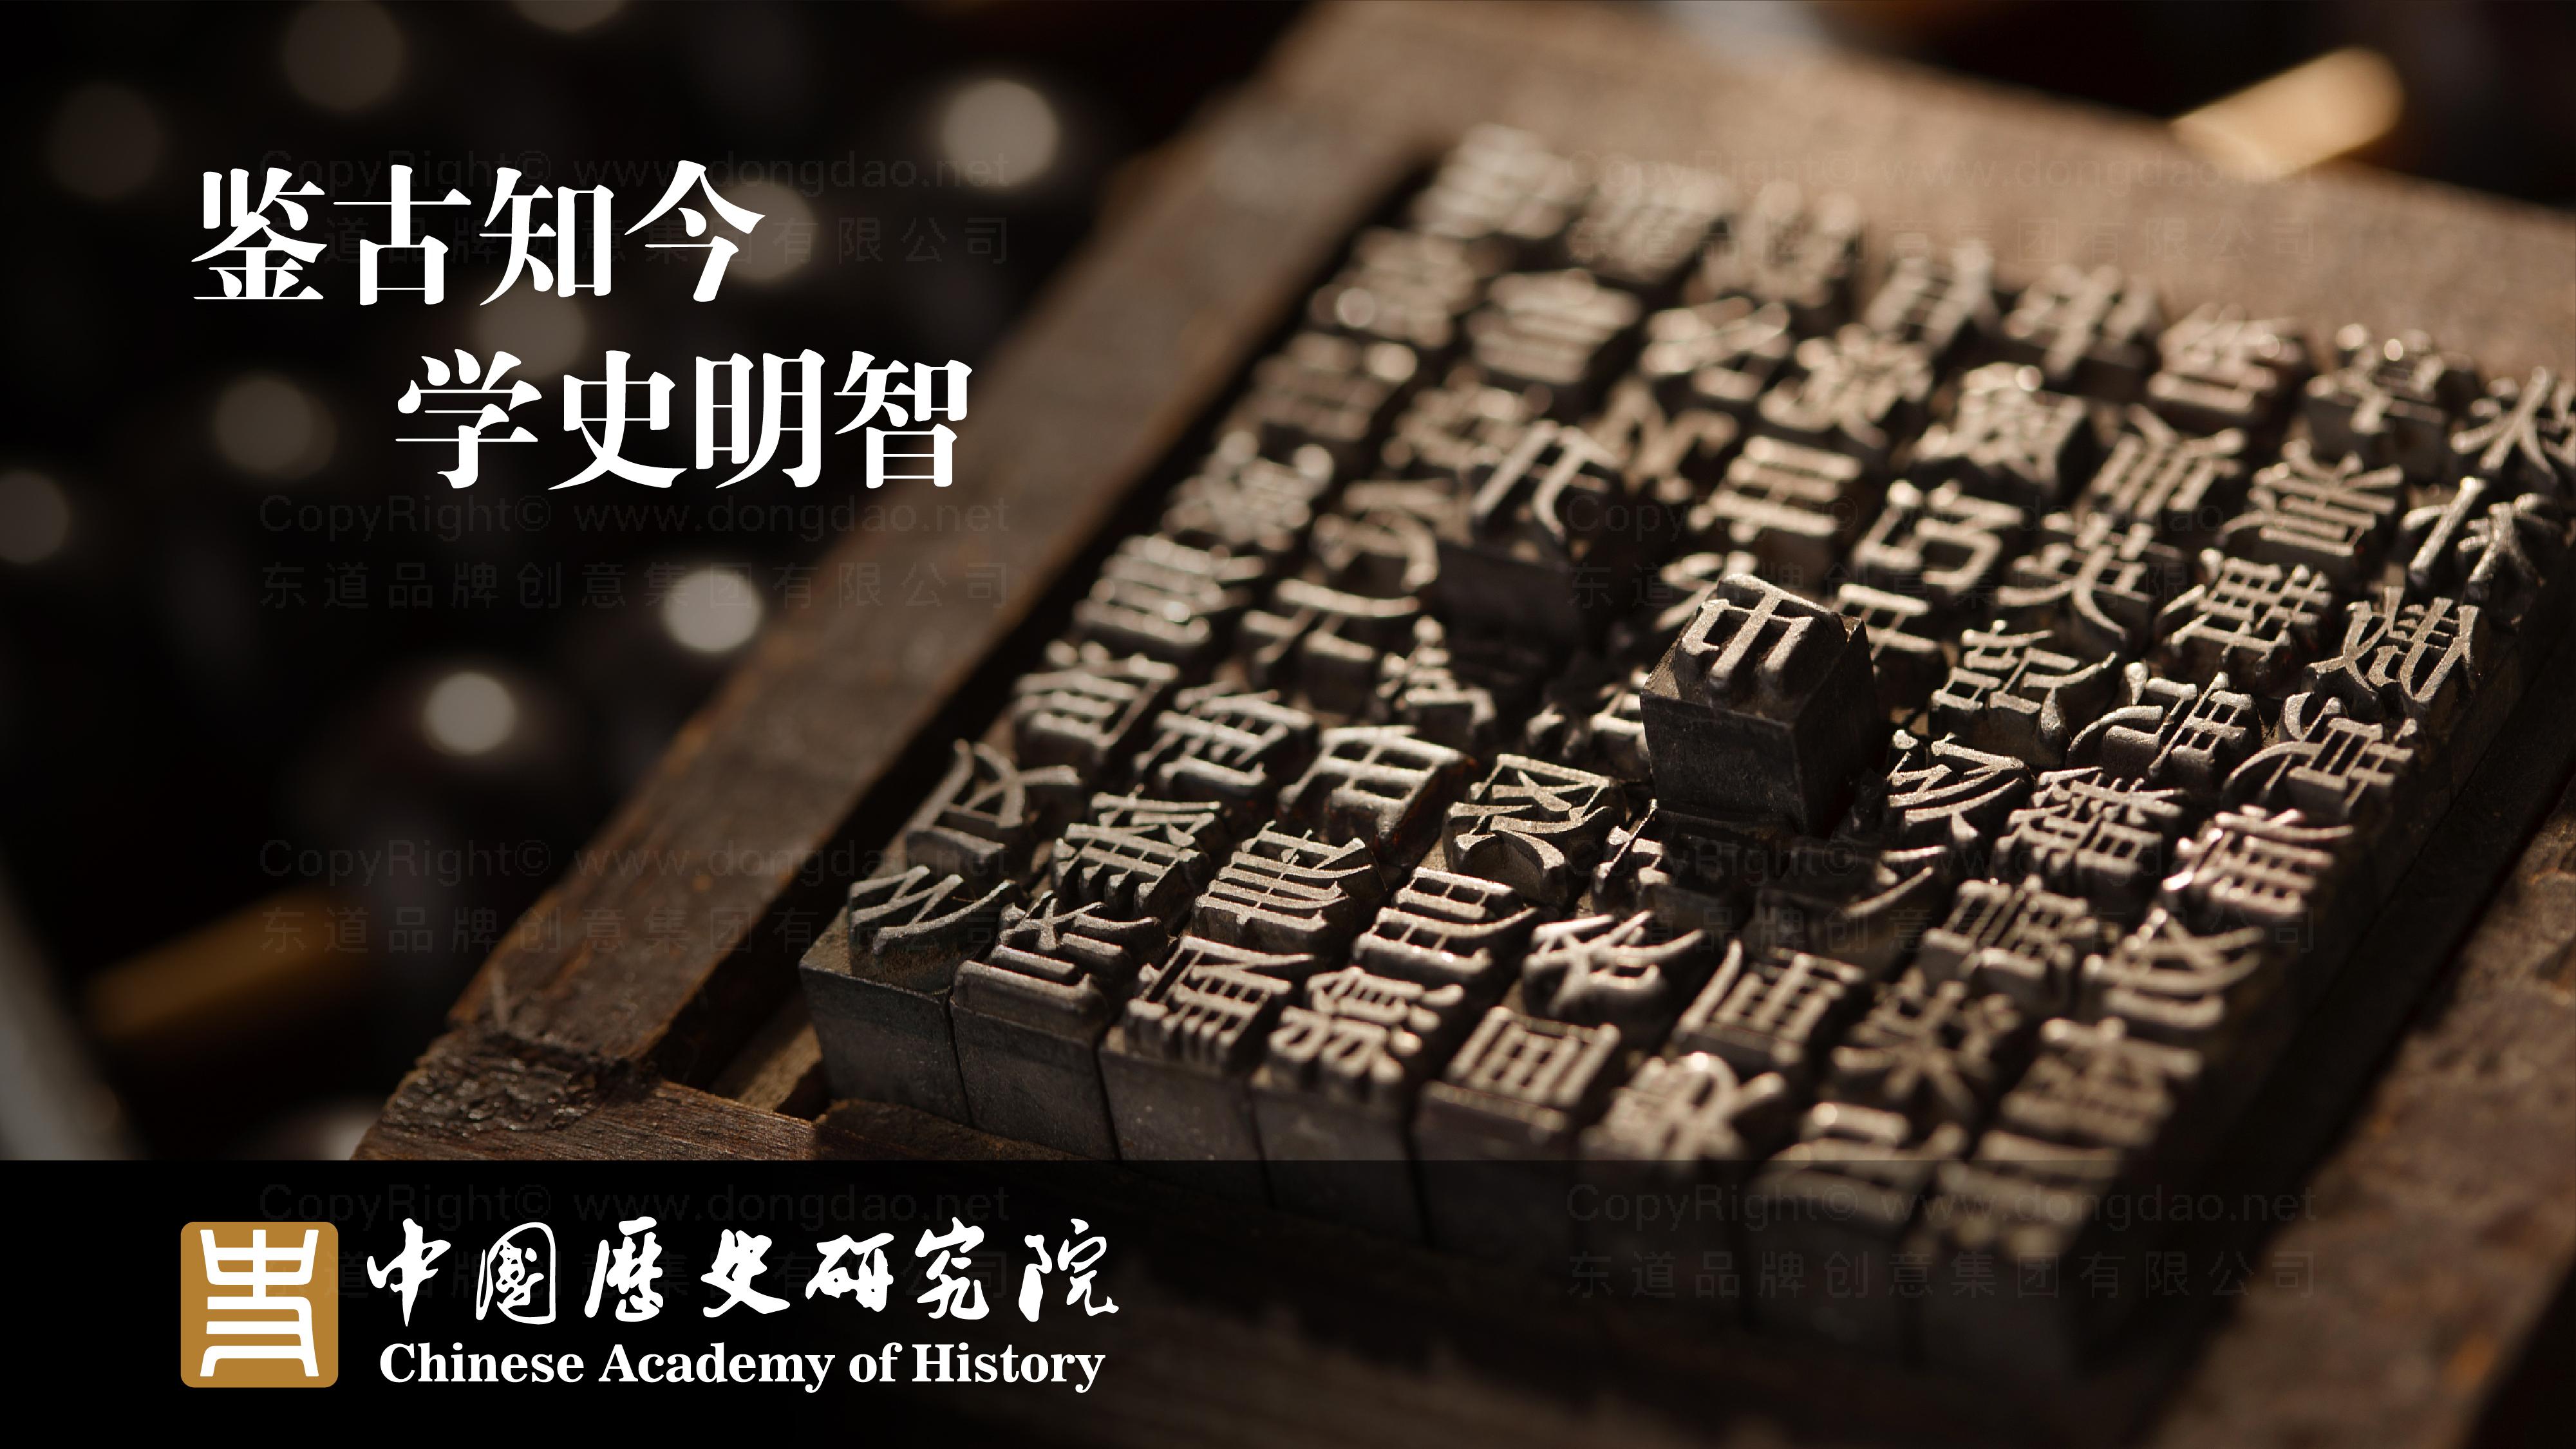 品牌设计中国历史研究院LOGO&VI设计应用场景_2